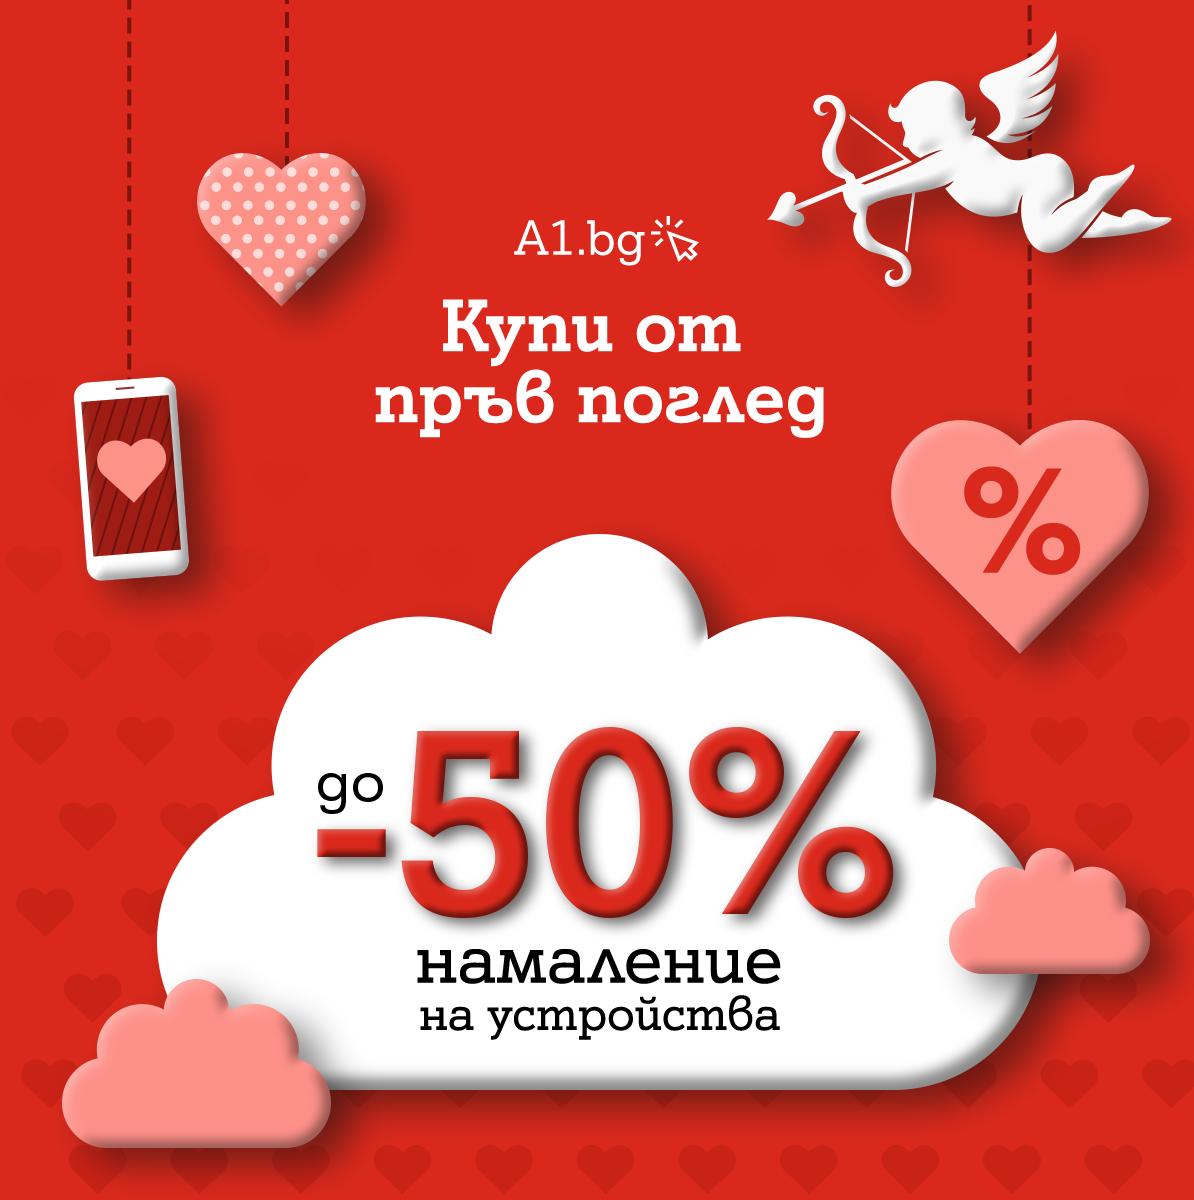 А1 намалява цените на смартфони, таблети и слушалки с до 50% в месеца на влюбените 140